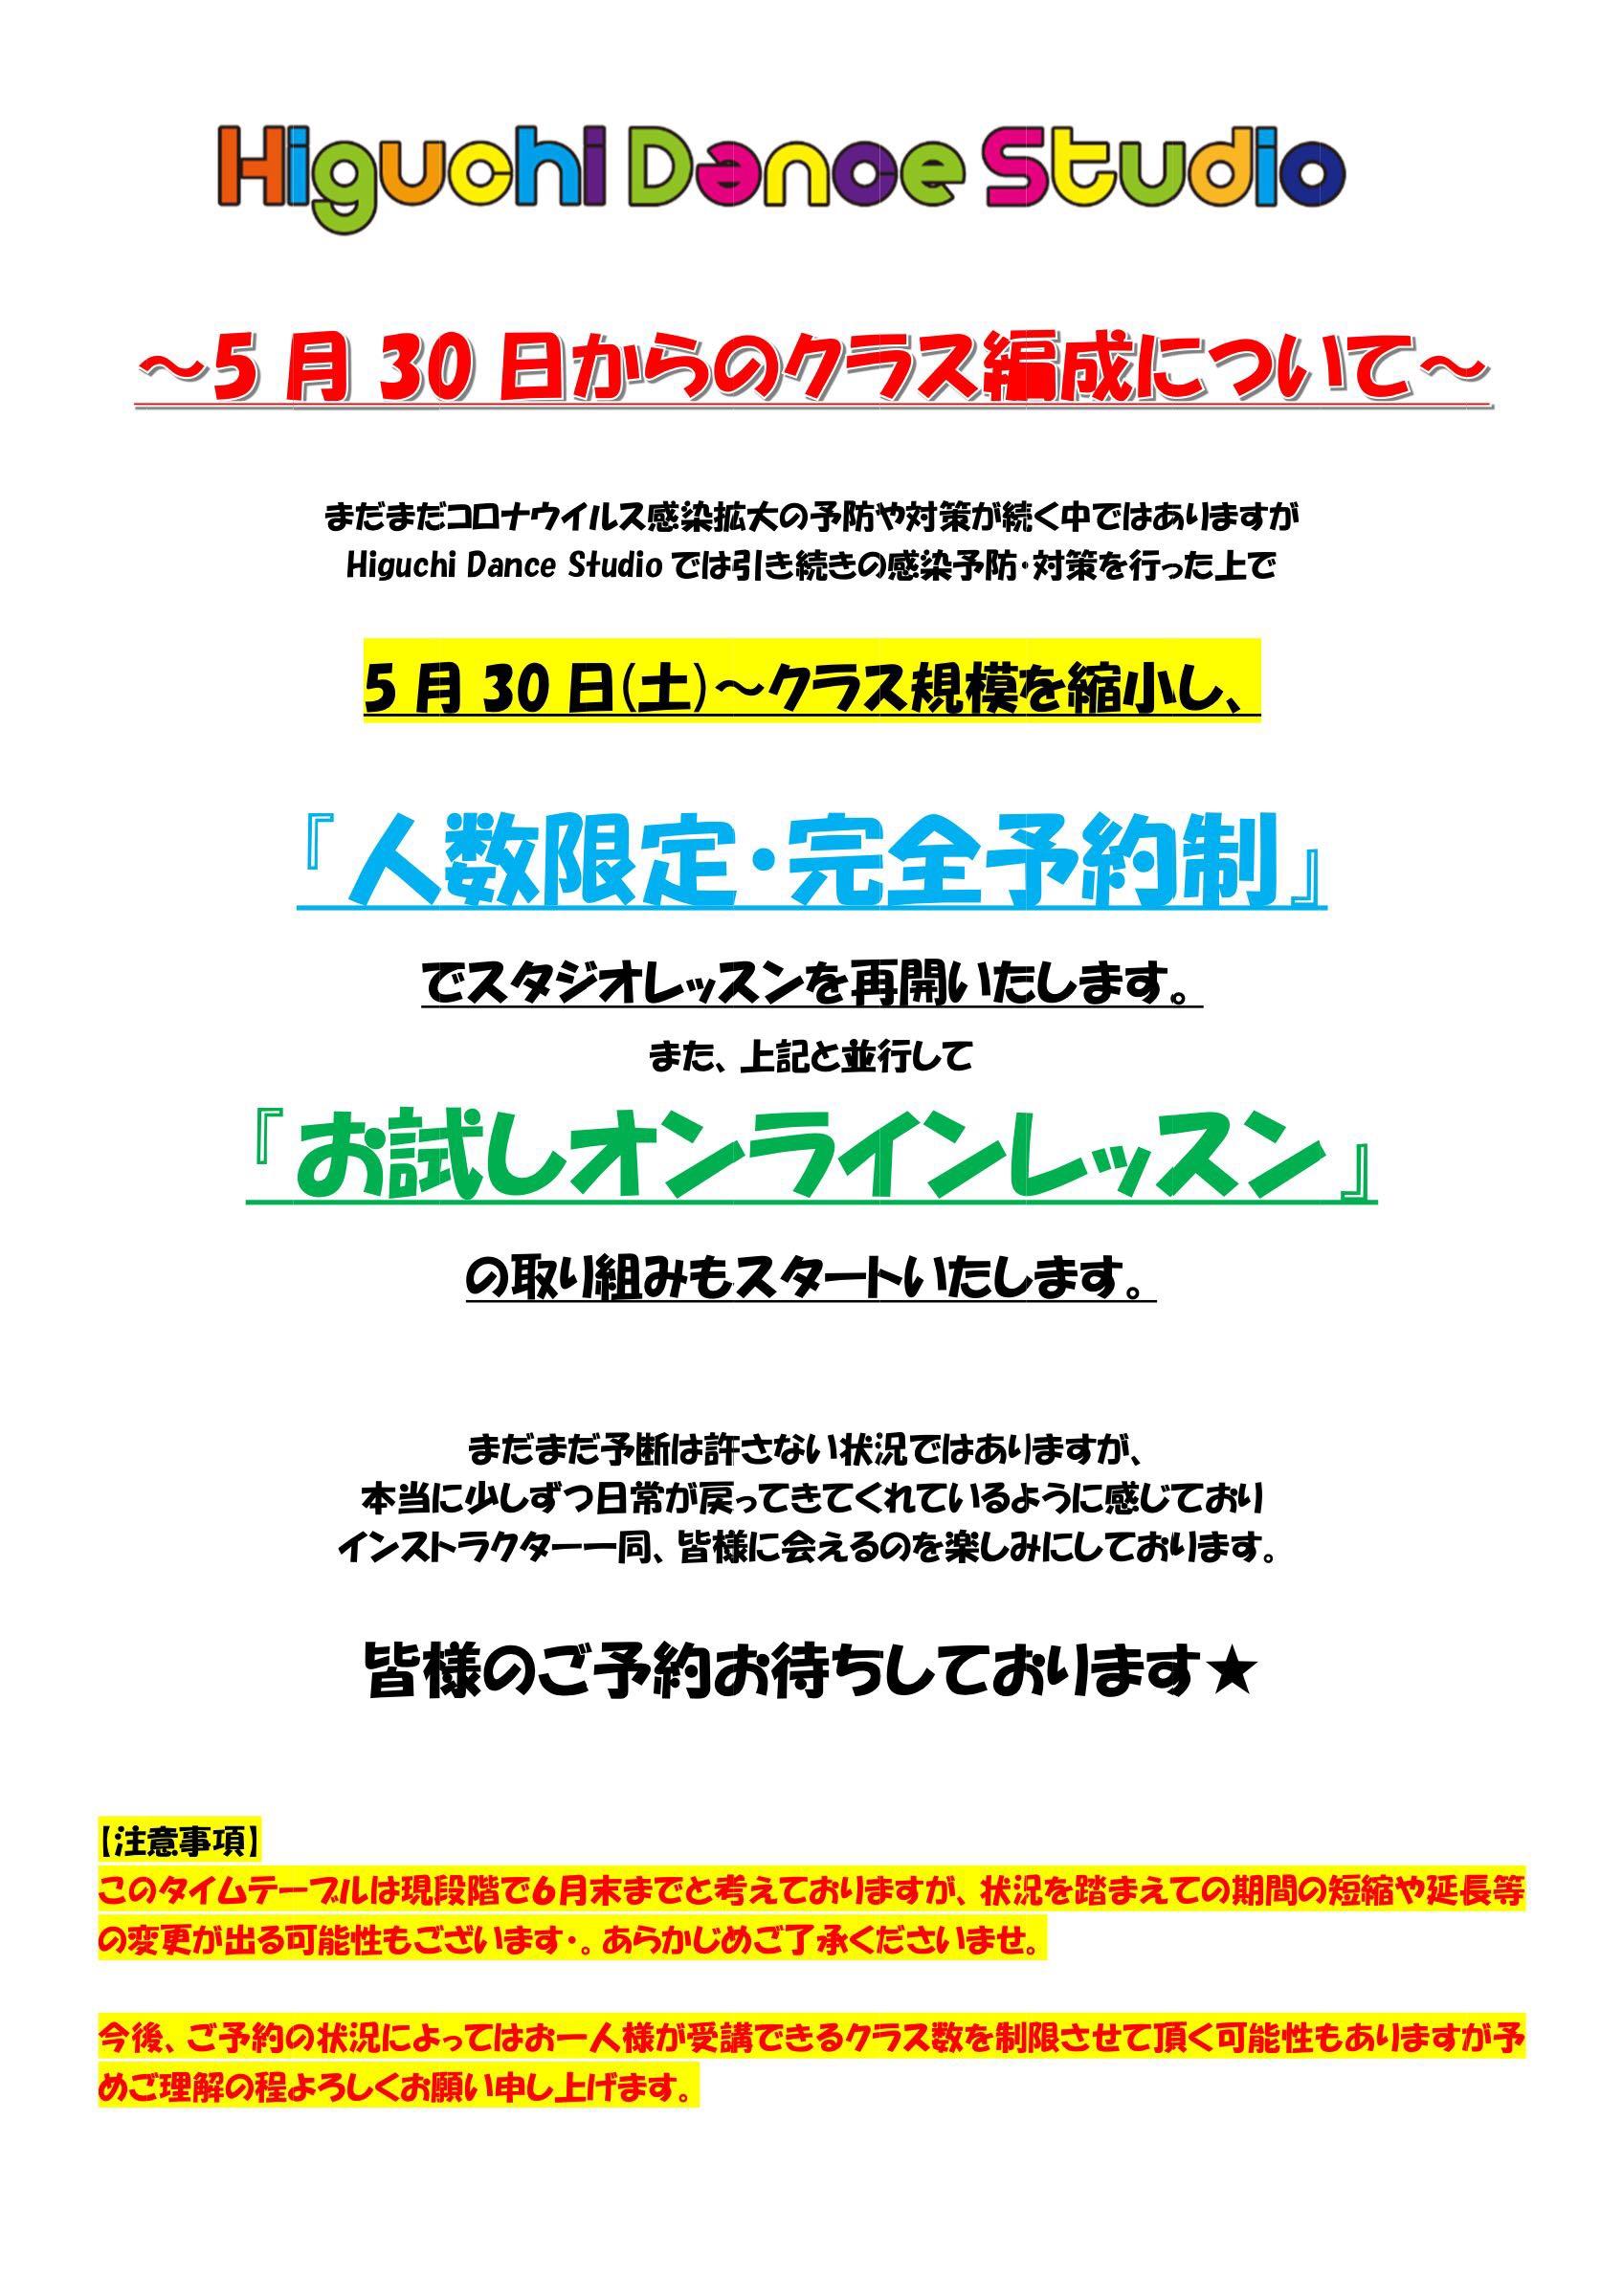 2020/6予約制クラス&オンラインレッスン